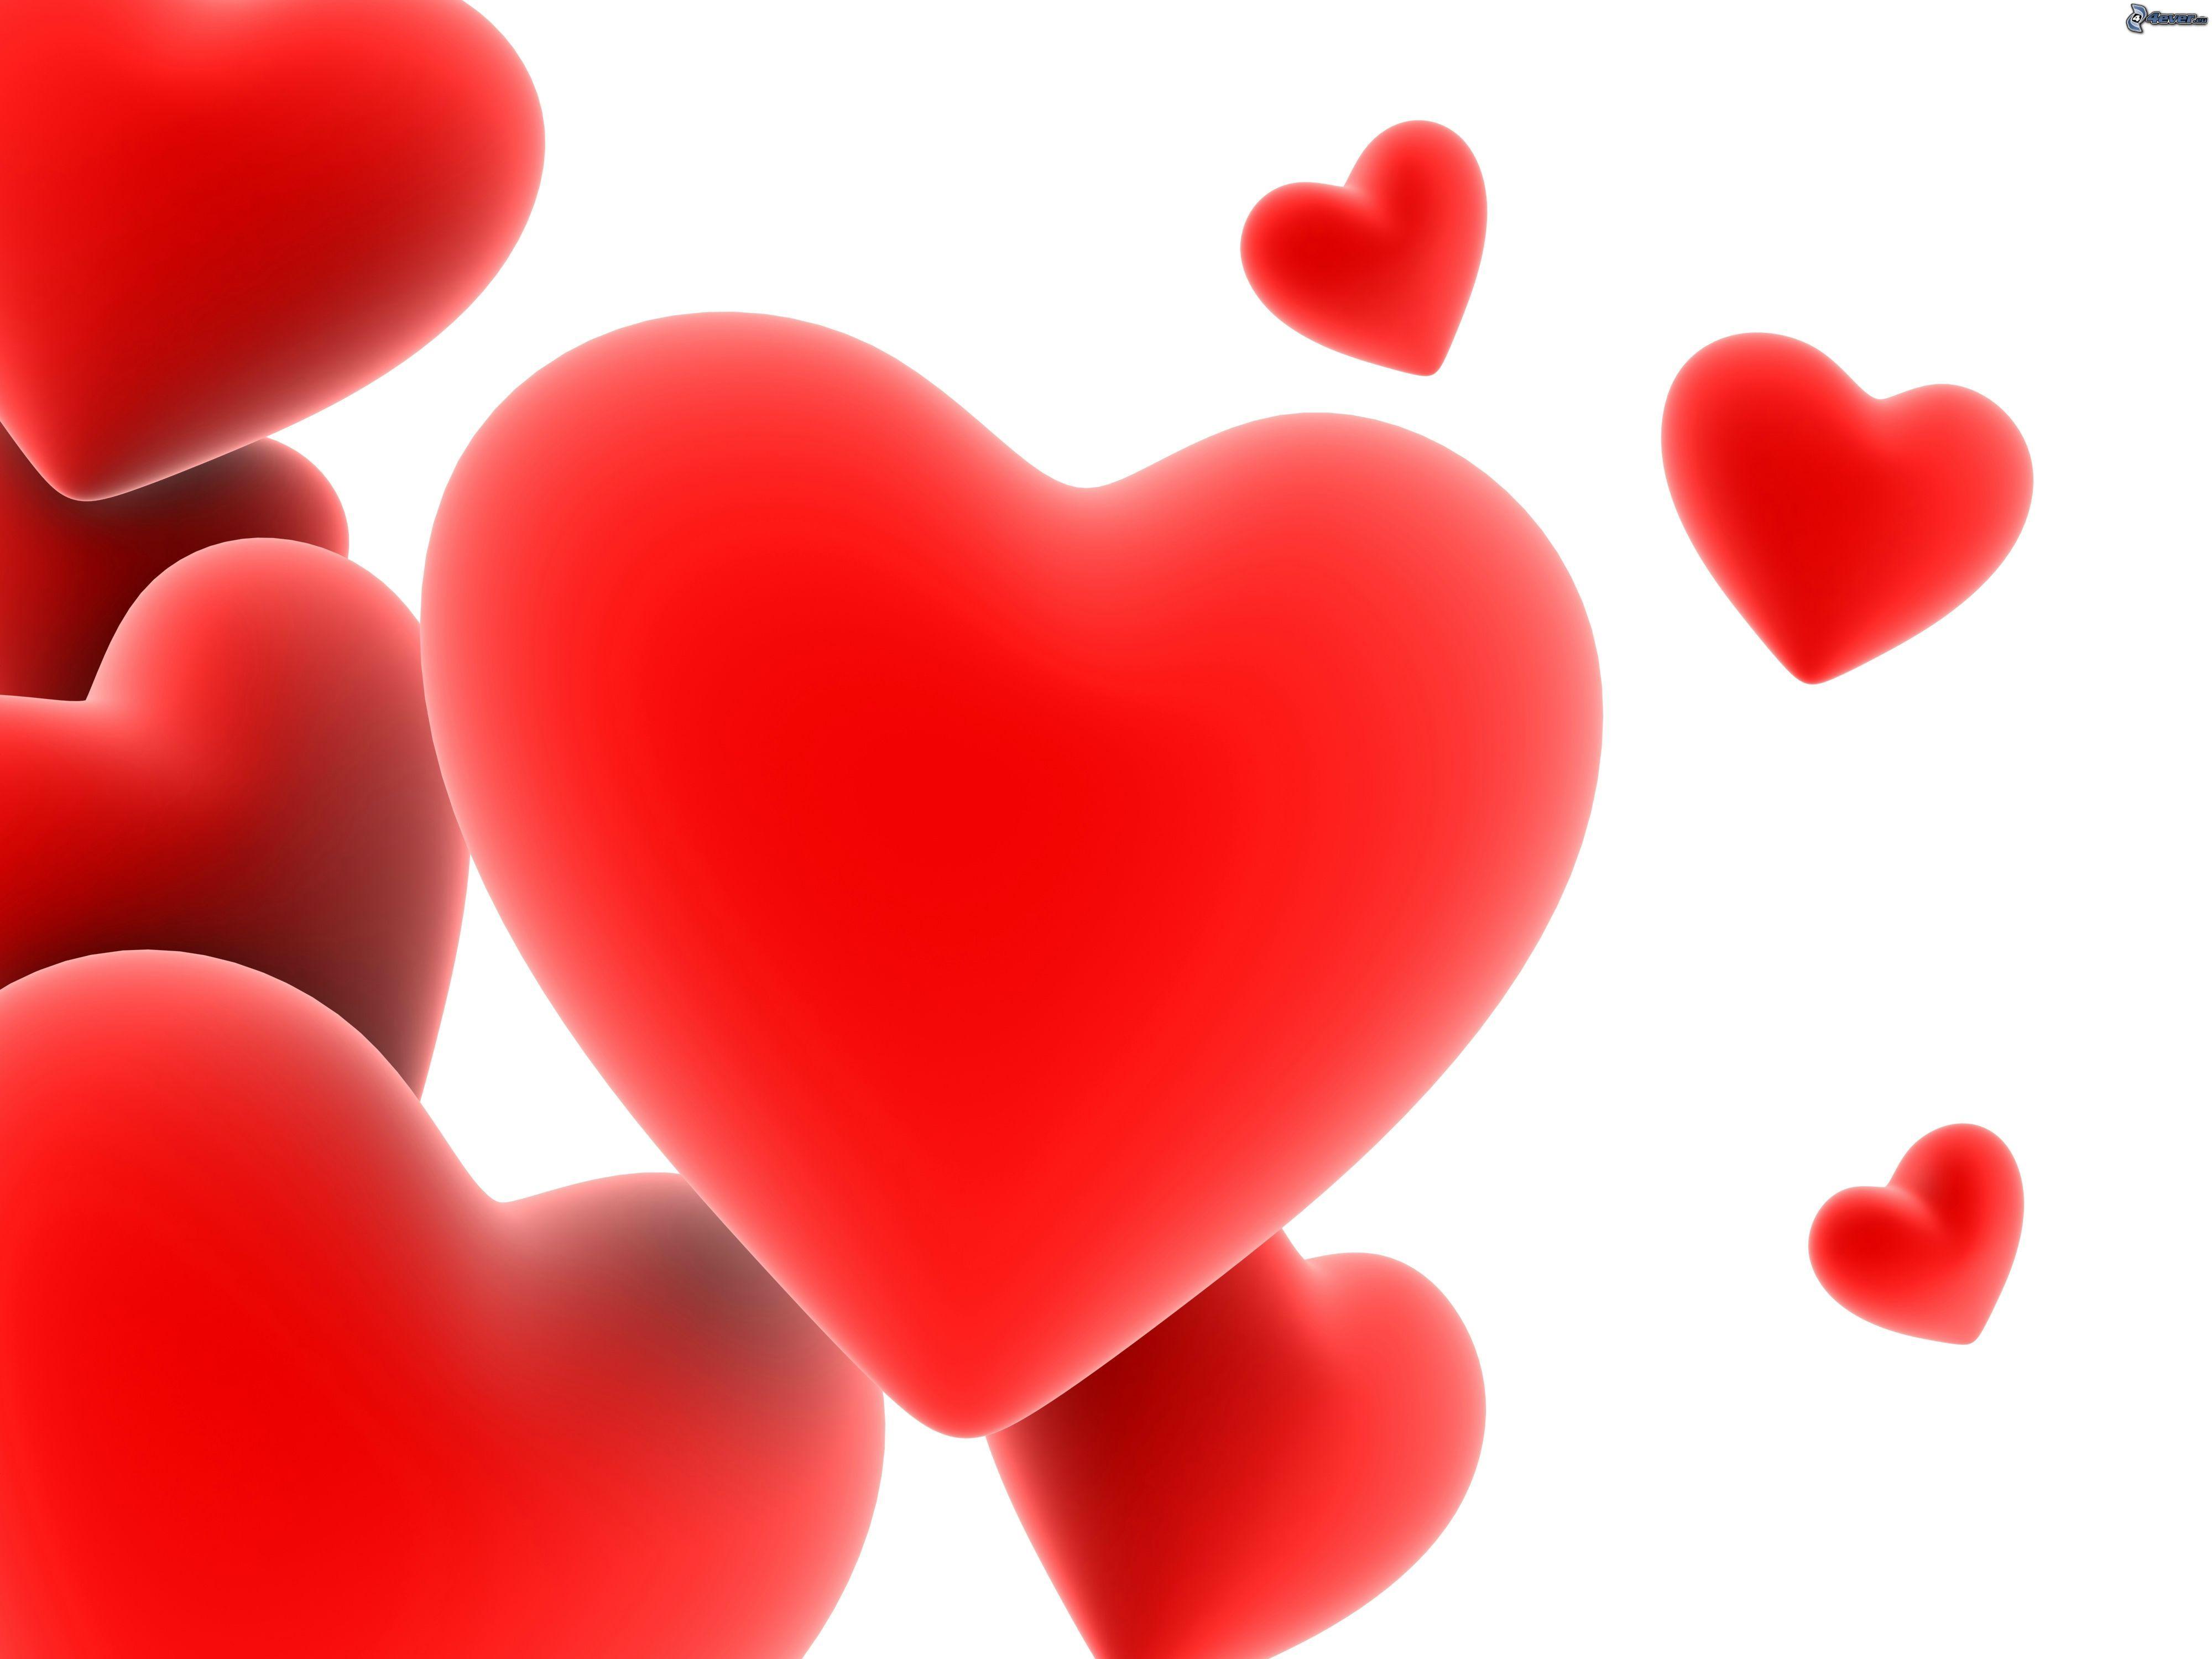 Roten herzen - Herzchen bilder ...